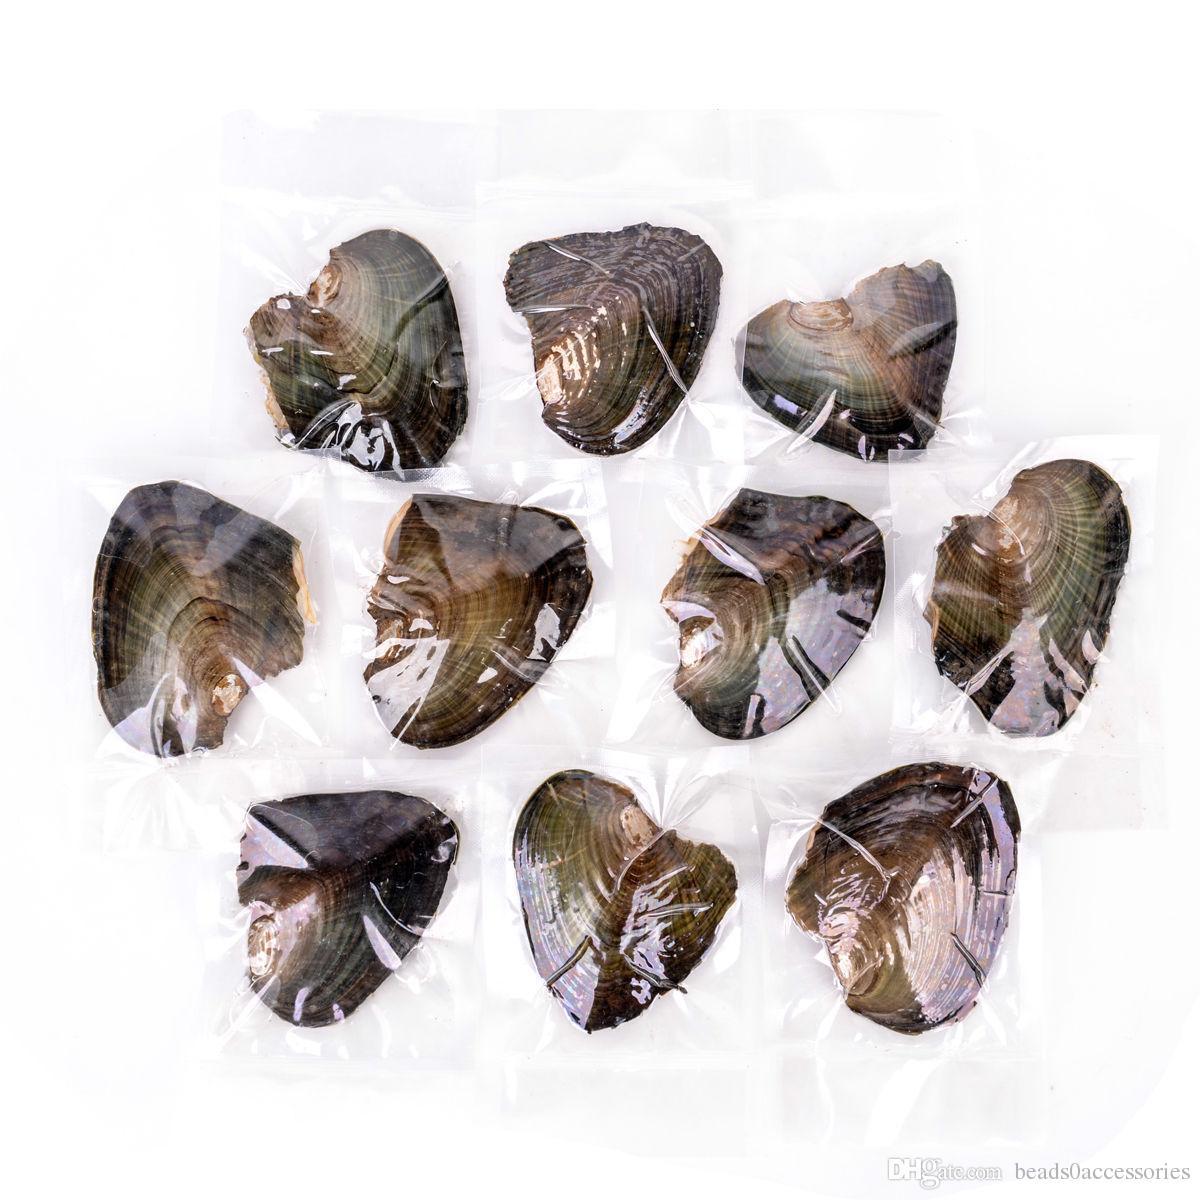 Beyaz Mor Pembe Siyah Akoya Yuvarlak Tatlısu İnci İstiridye Gerçek Inci ile 6-7mm Tatlısu İnci Vakum Paketleme